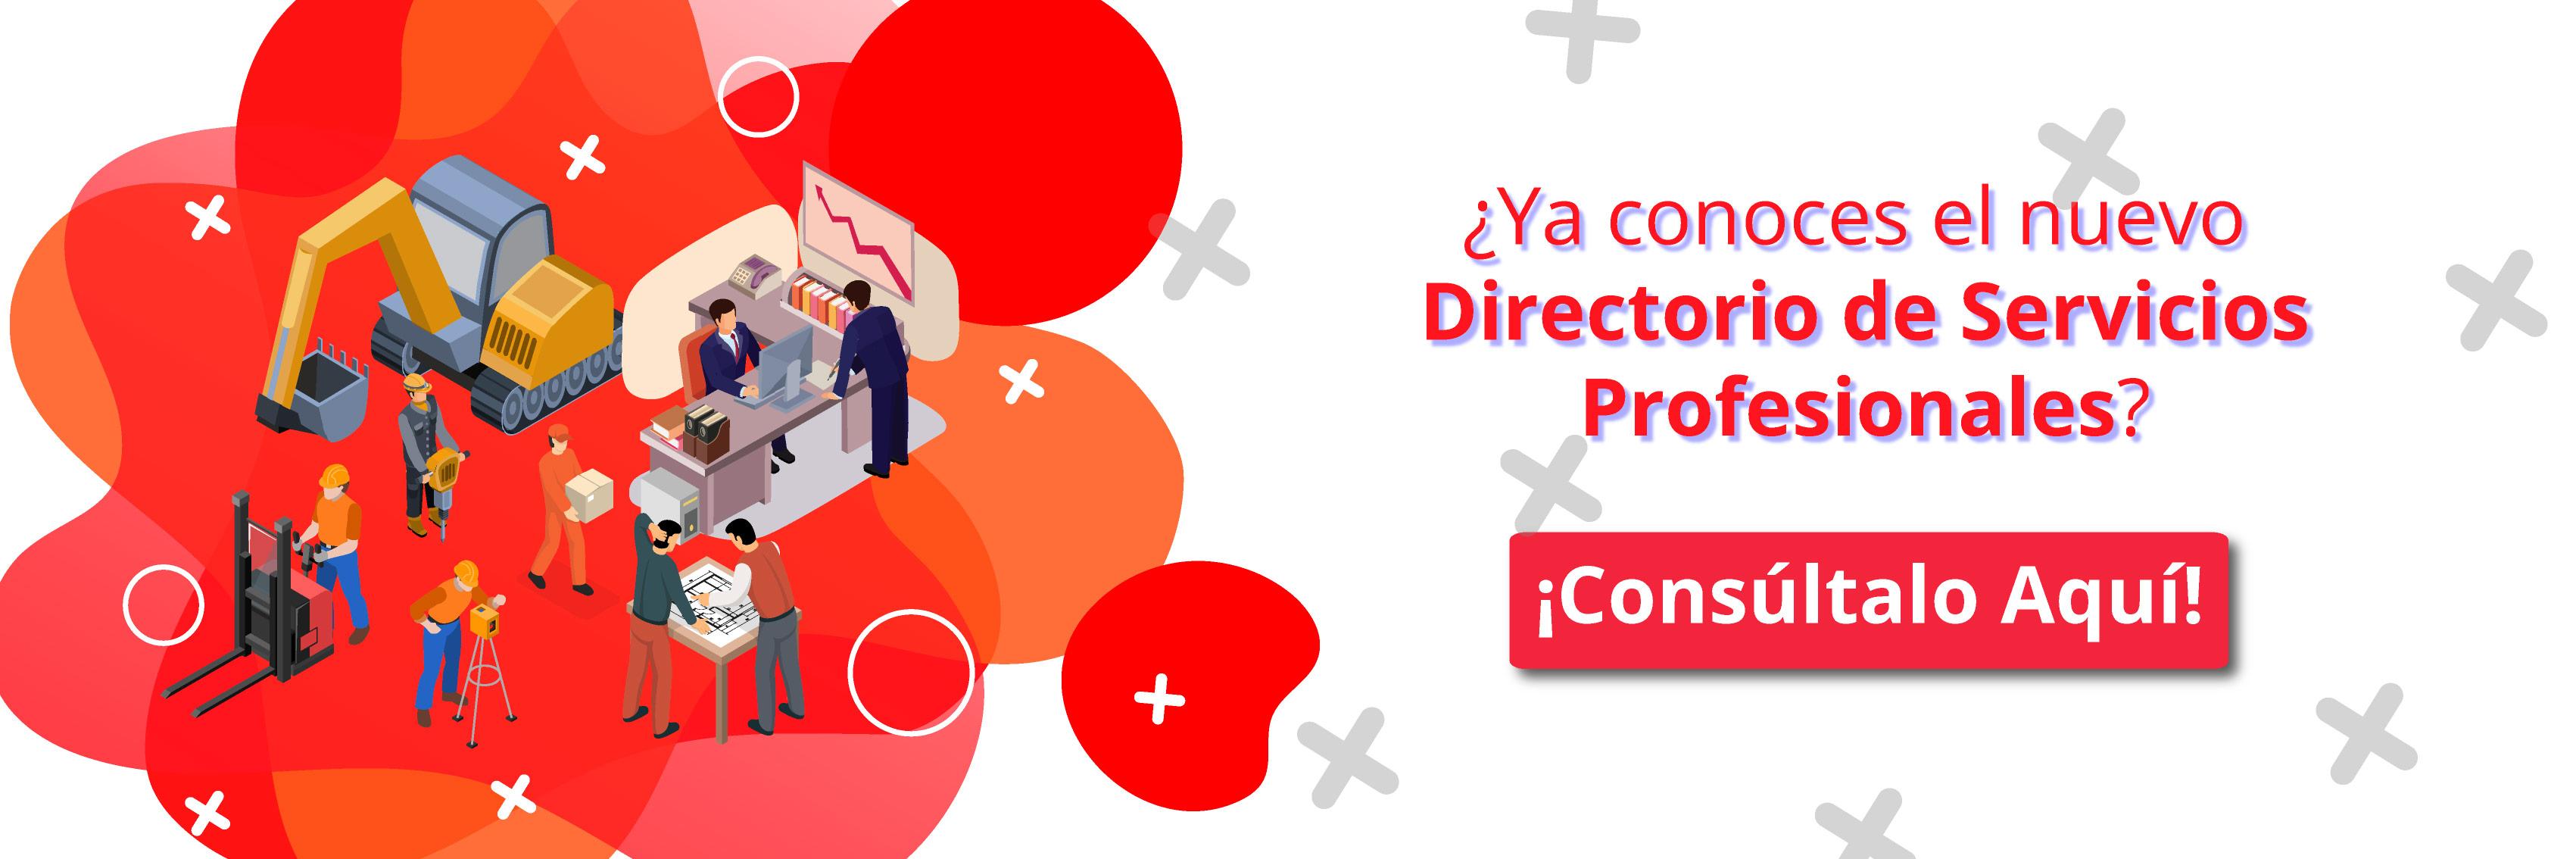 Slider directorios servicios